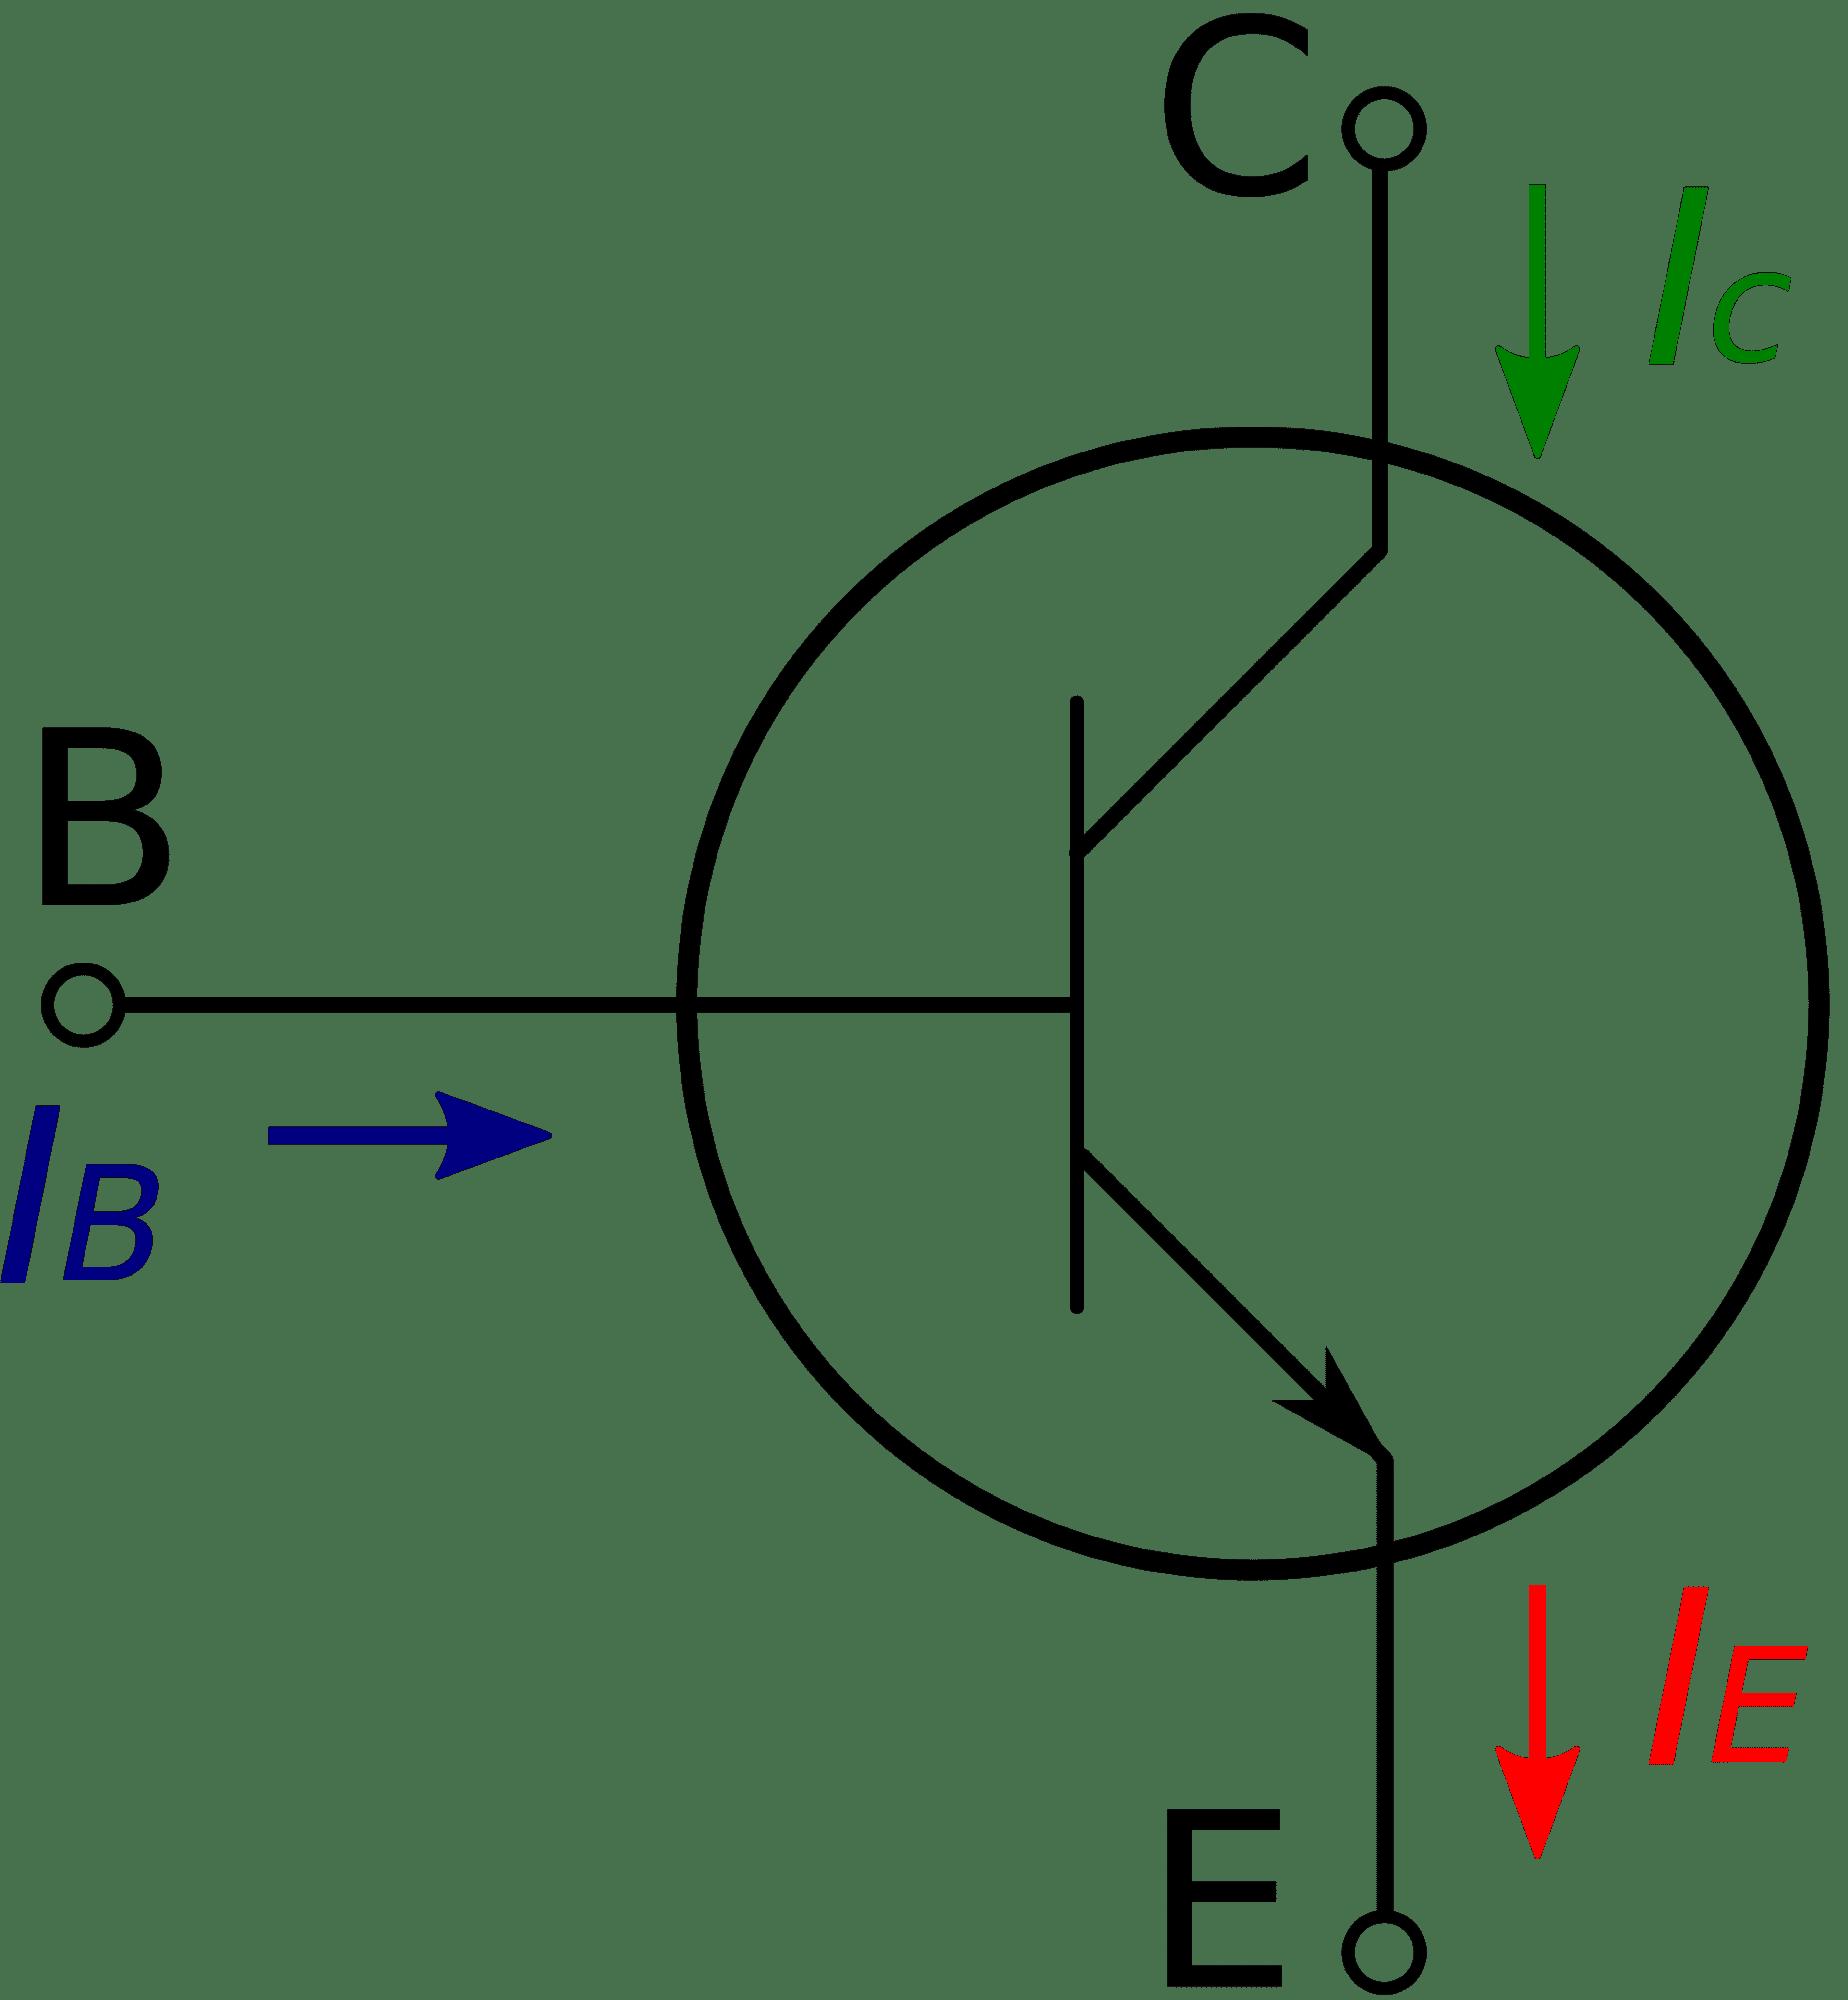 Liegt an der Basis eines bipolaren Transistors Strom an, wird die Grenzeschicht zwischen Collector und Emitter durchlässig, sodass